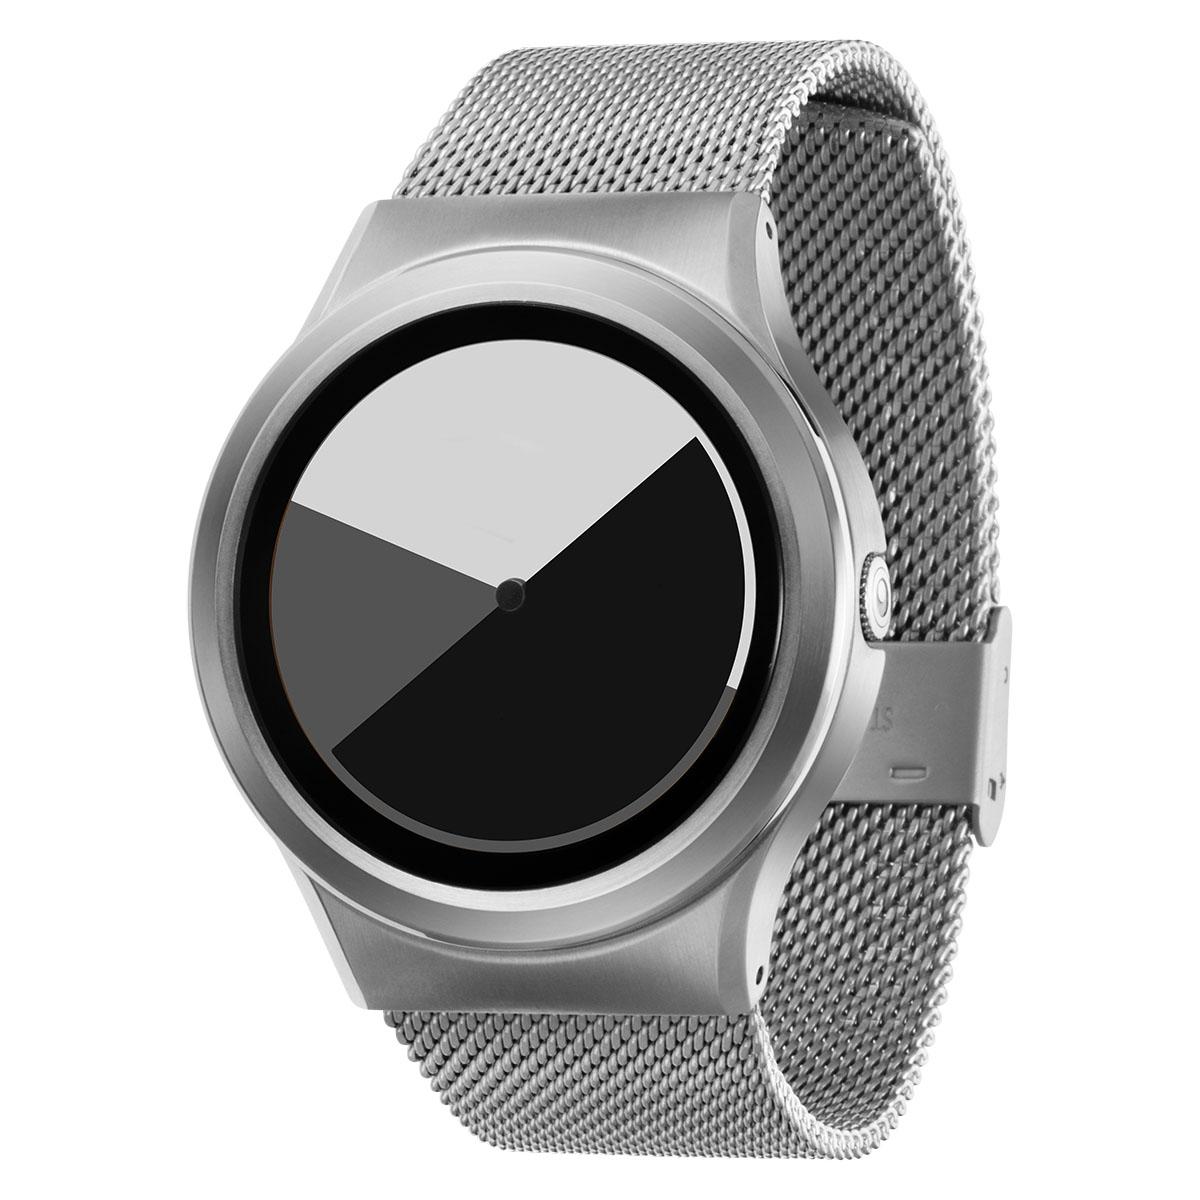 ファッションウォッチ デザインウォッチ 5ATM メーカー保障12ヶ月 ショップ ベルト調整用工具 LOGO入りクロス 取扱説明書 ZIIIROとは関係ありません ZEROOTIME ゼロタイム ZEROO COLORED メンズ レディース W01003B01SM01 グレイ おしゃれ時計 ペア用 電池式クォーツ ゼロ ユニセックス TIME デザイナーズ テレビで話題 腕時計